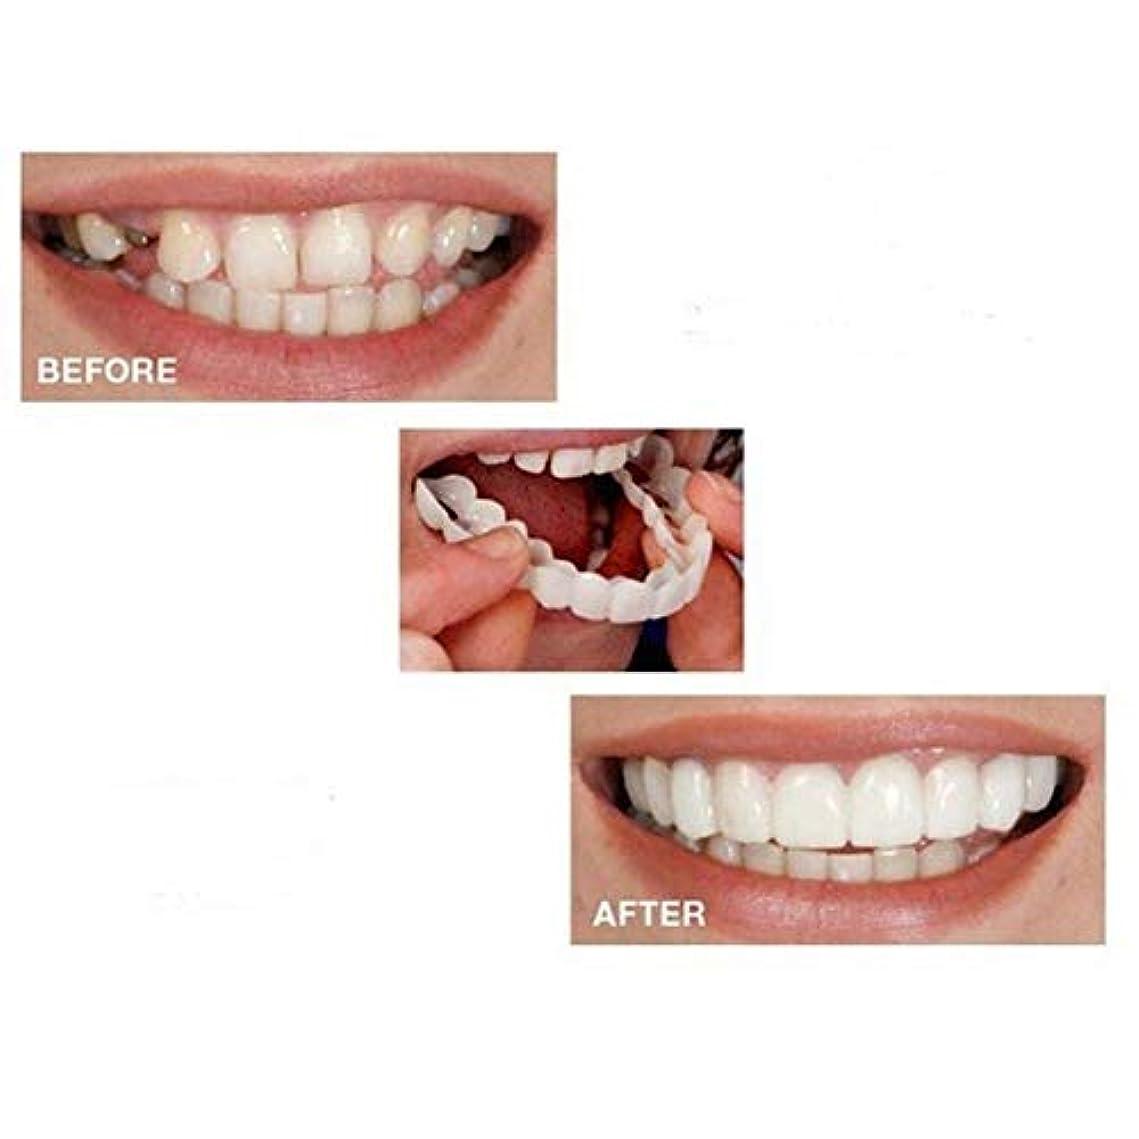 前部喪発生する歯のベニアの6ペアは即座パーフェクトサスペンダー美白カバリング不規則な、ステンドグラス、行方不明ひび割れた歯にクリップされたスマイル